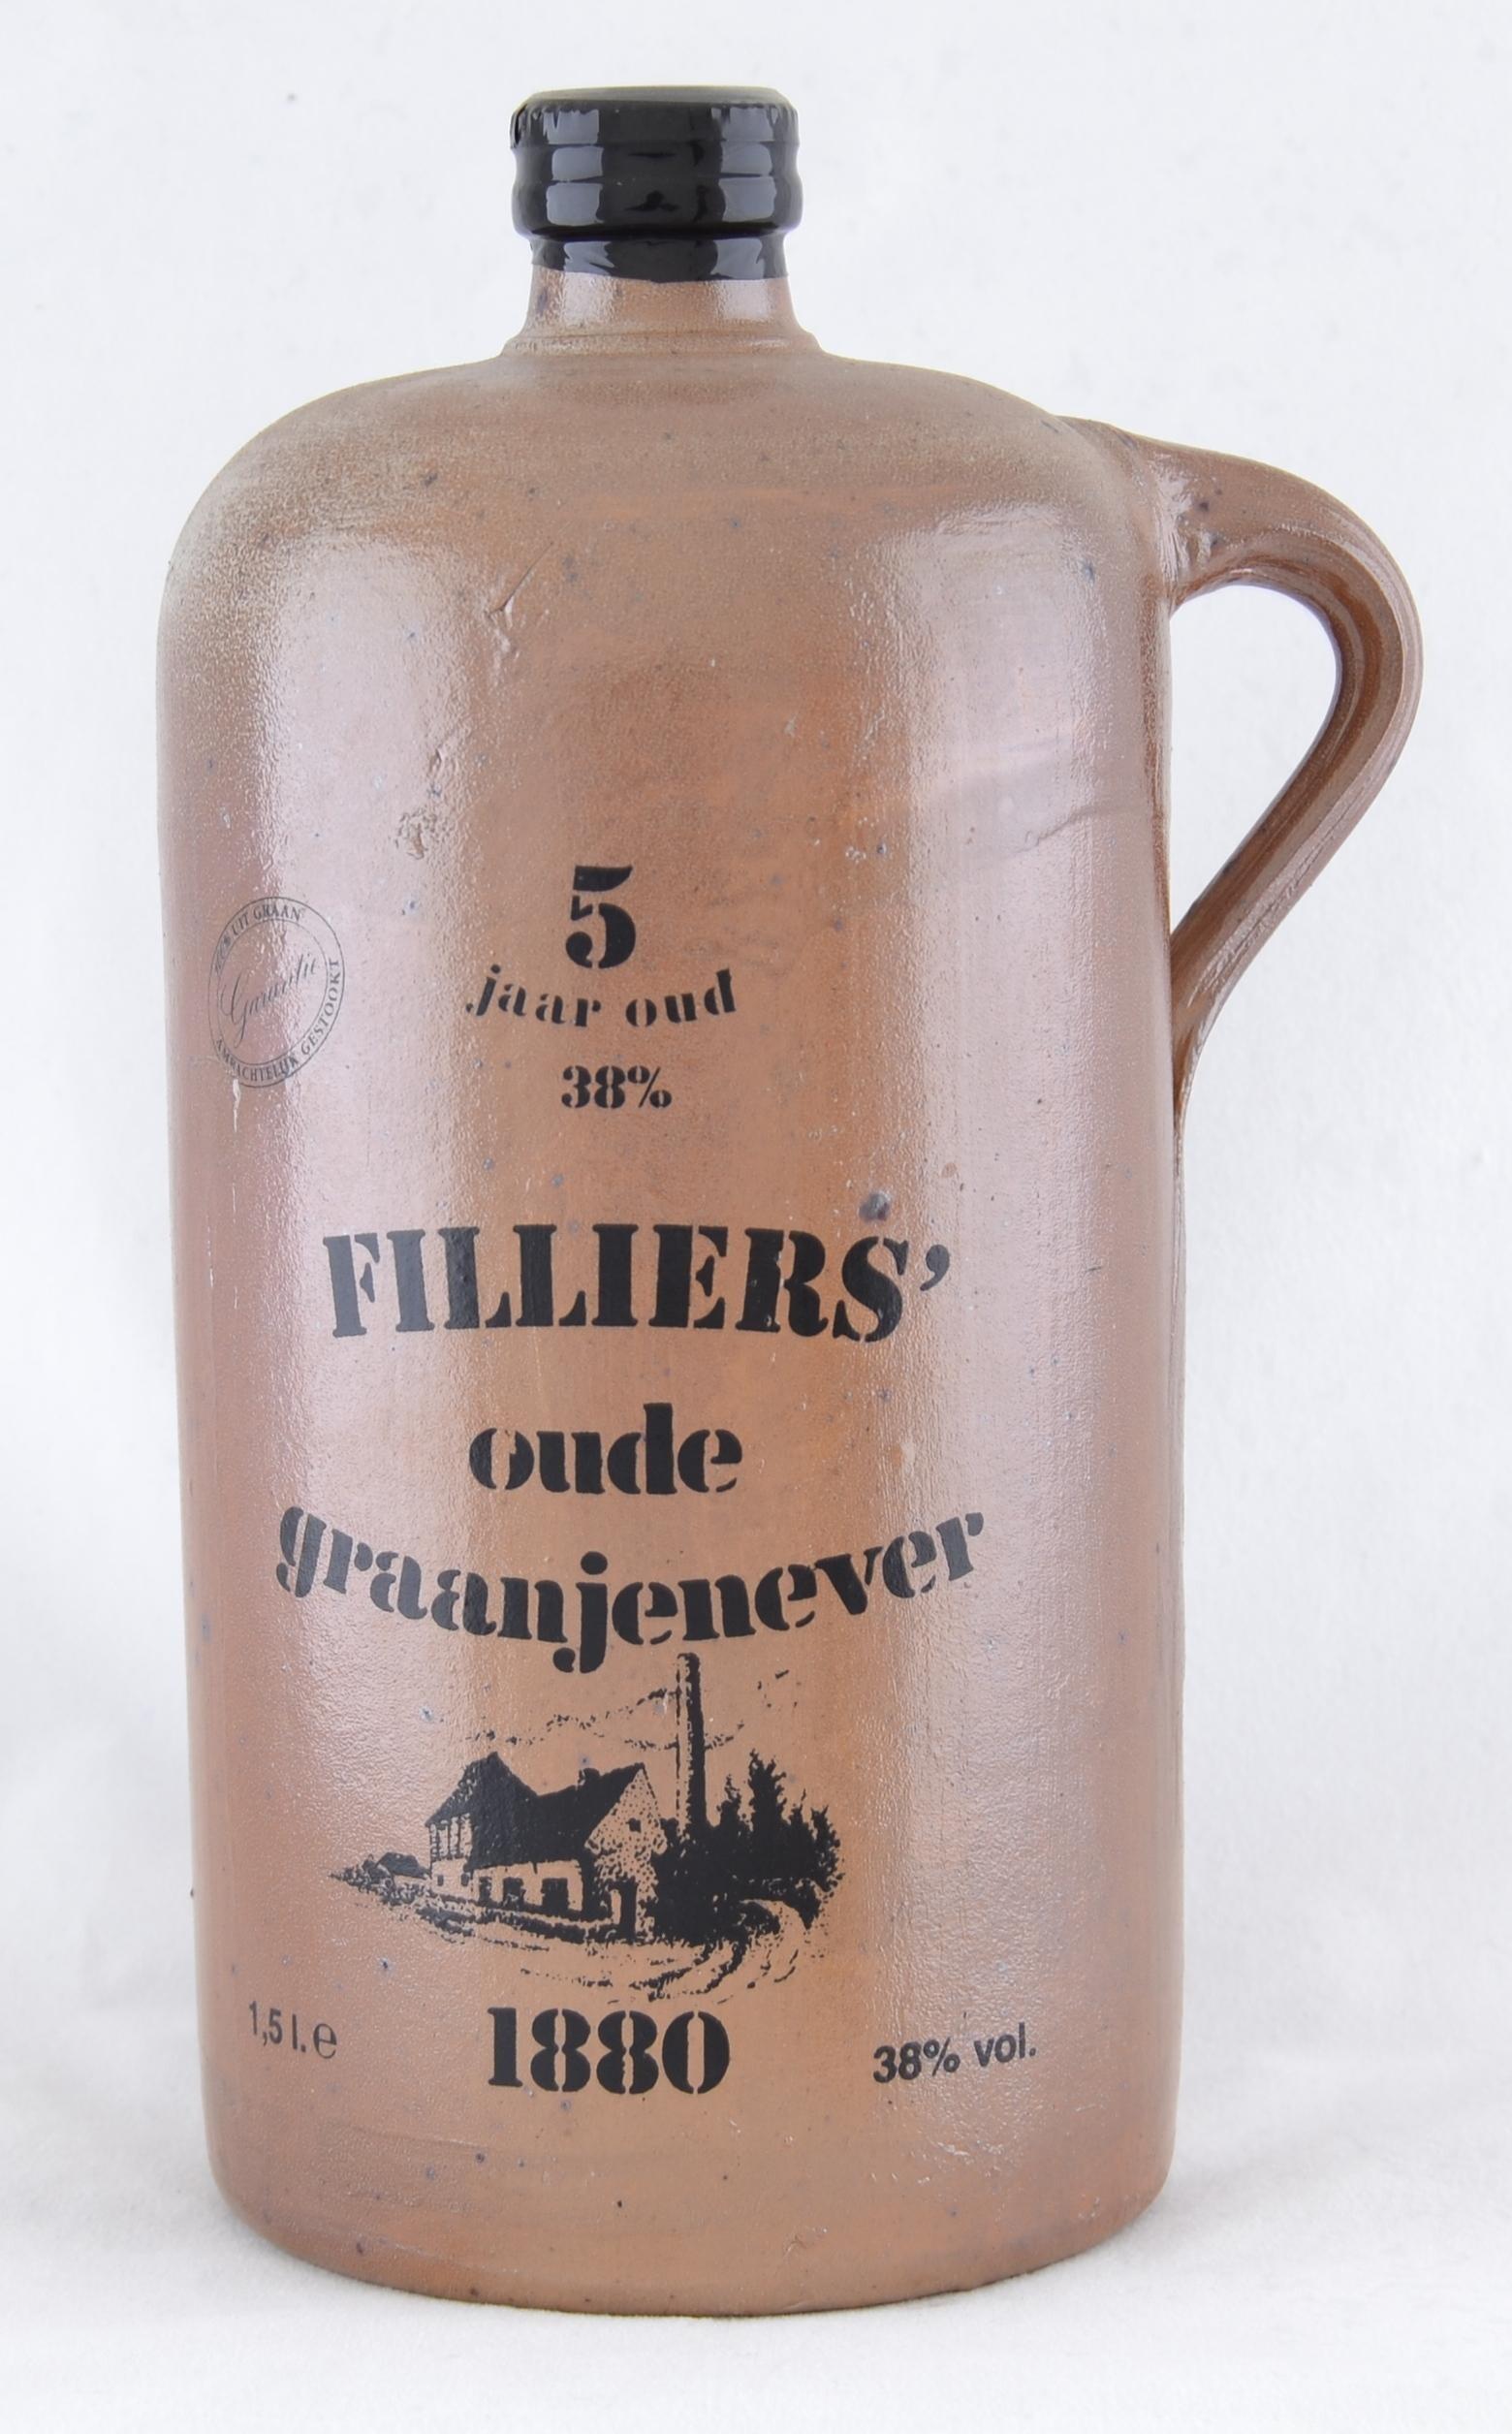 Filliers 5 Years Old Grain Jenever 1.5L 38% jug bottle